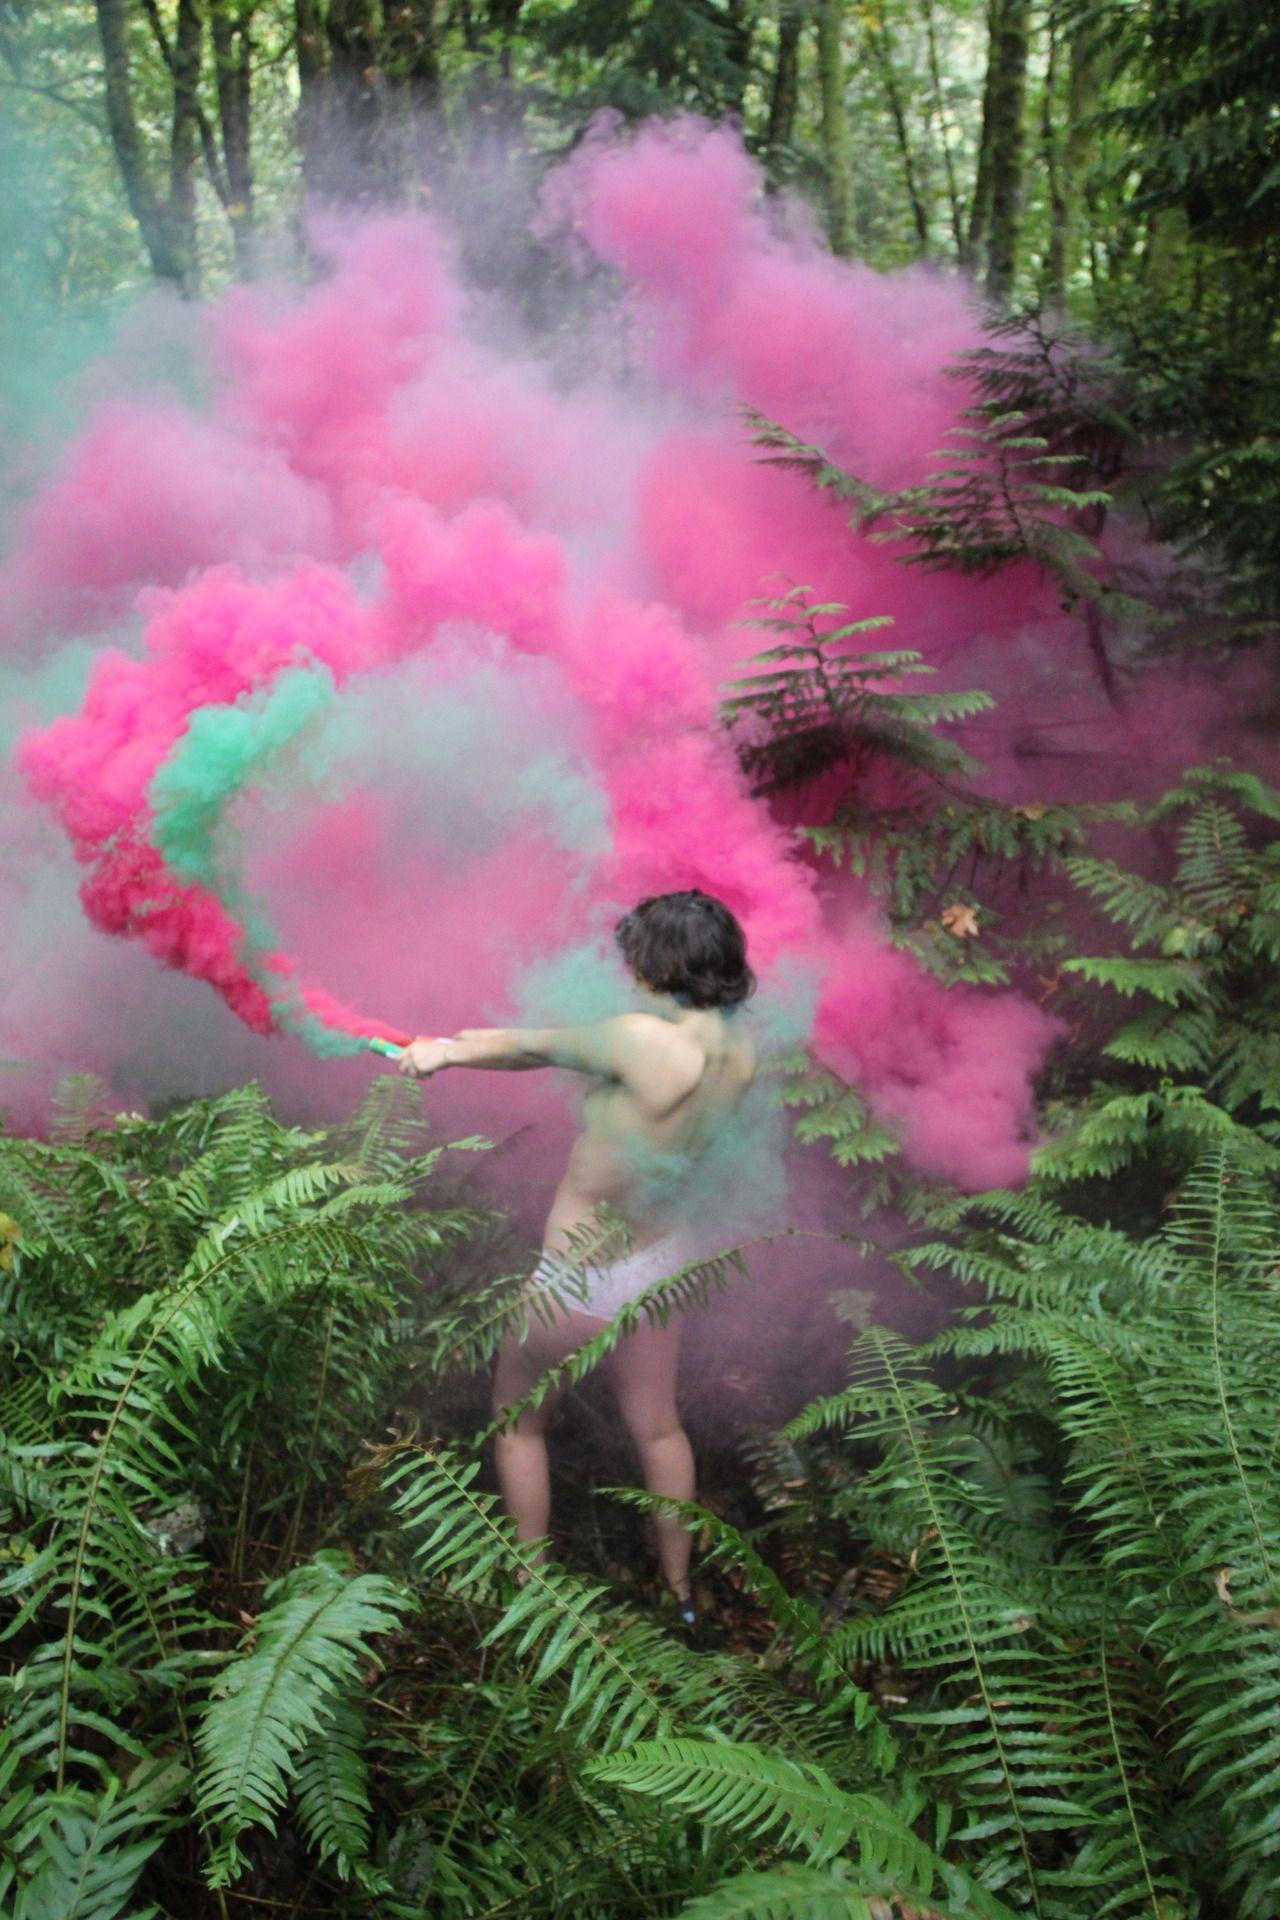 natural framing photography tumblr. Smoke Colorful Tumblr - Google Search Natural Framing Photography